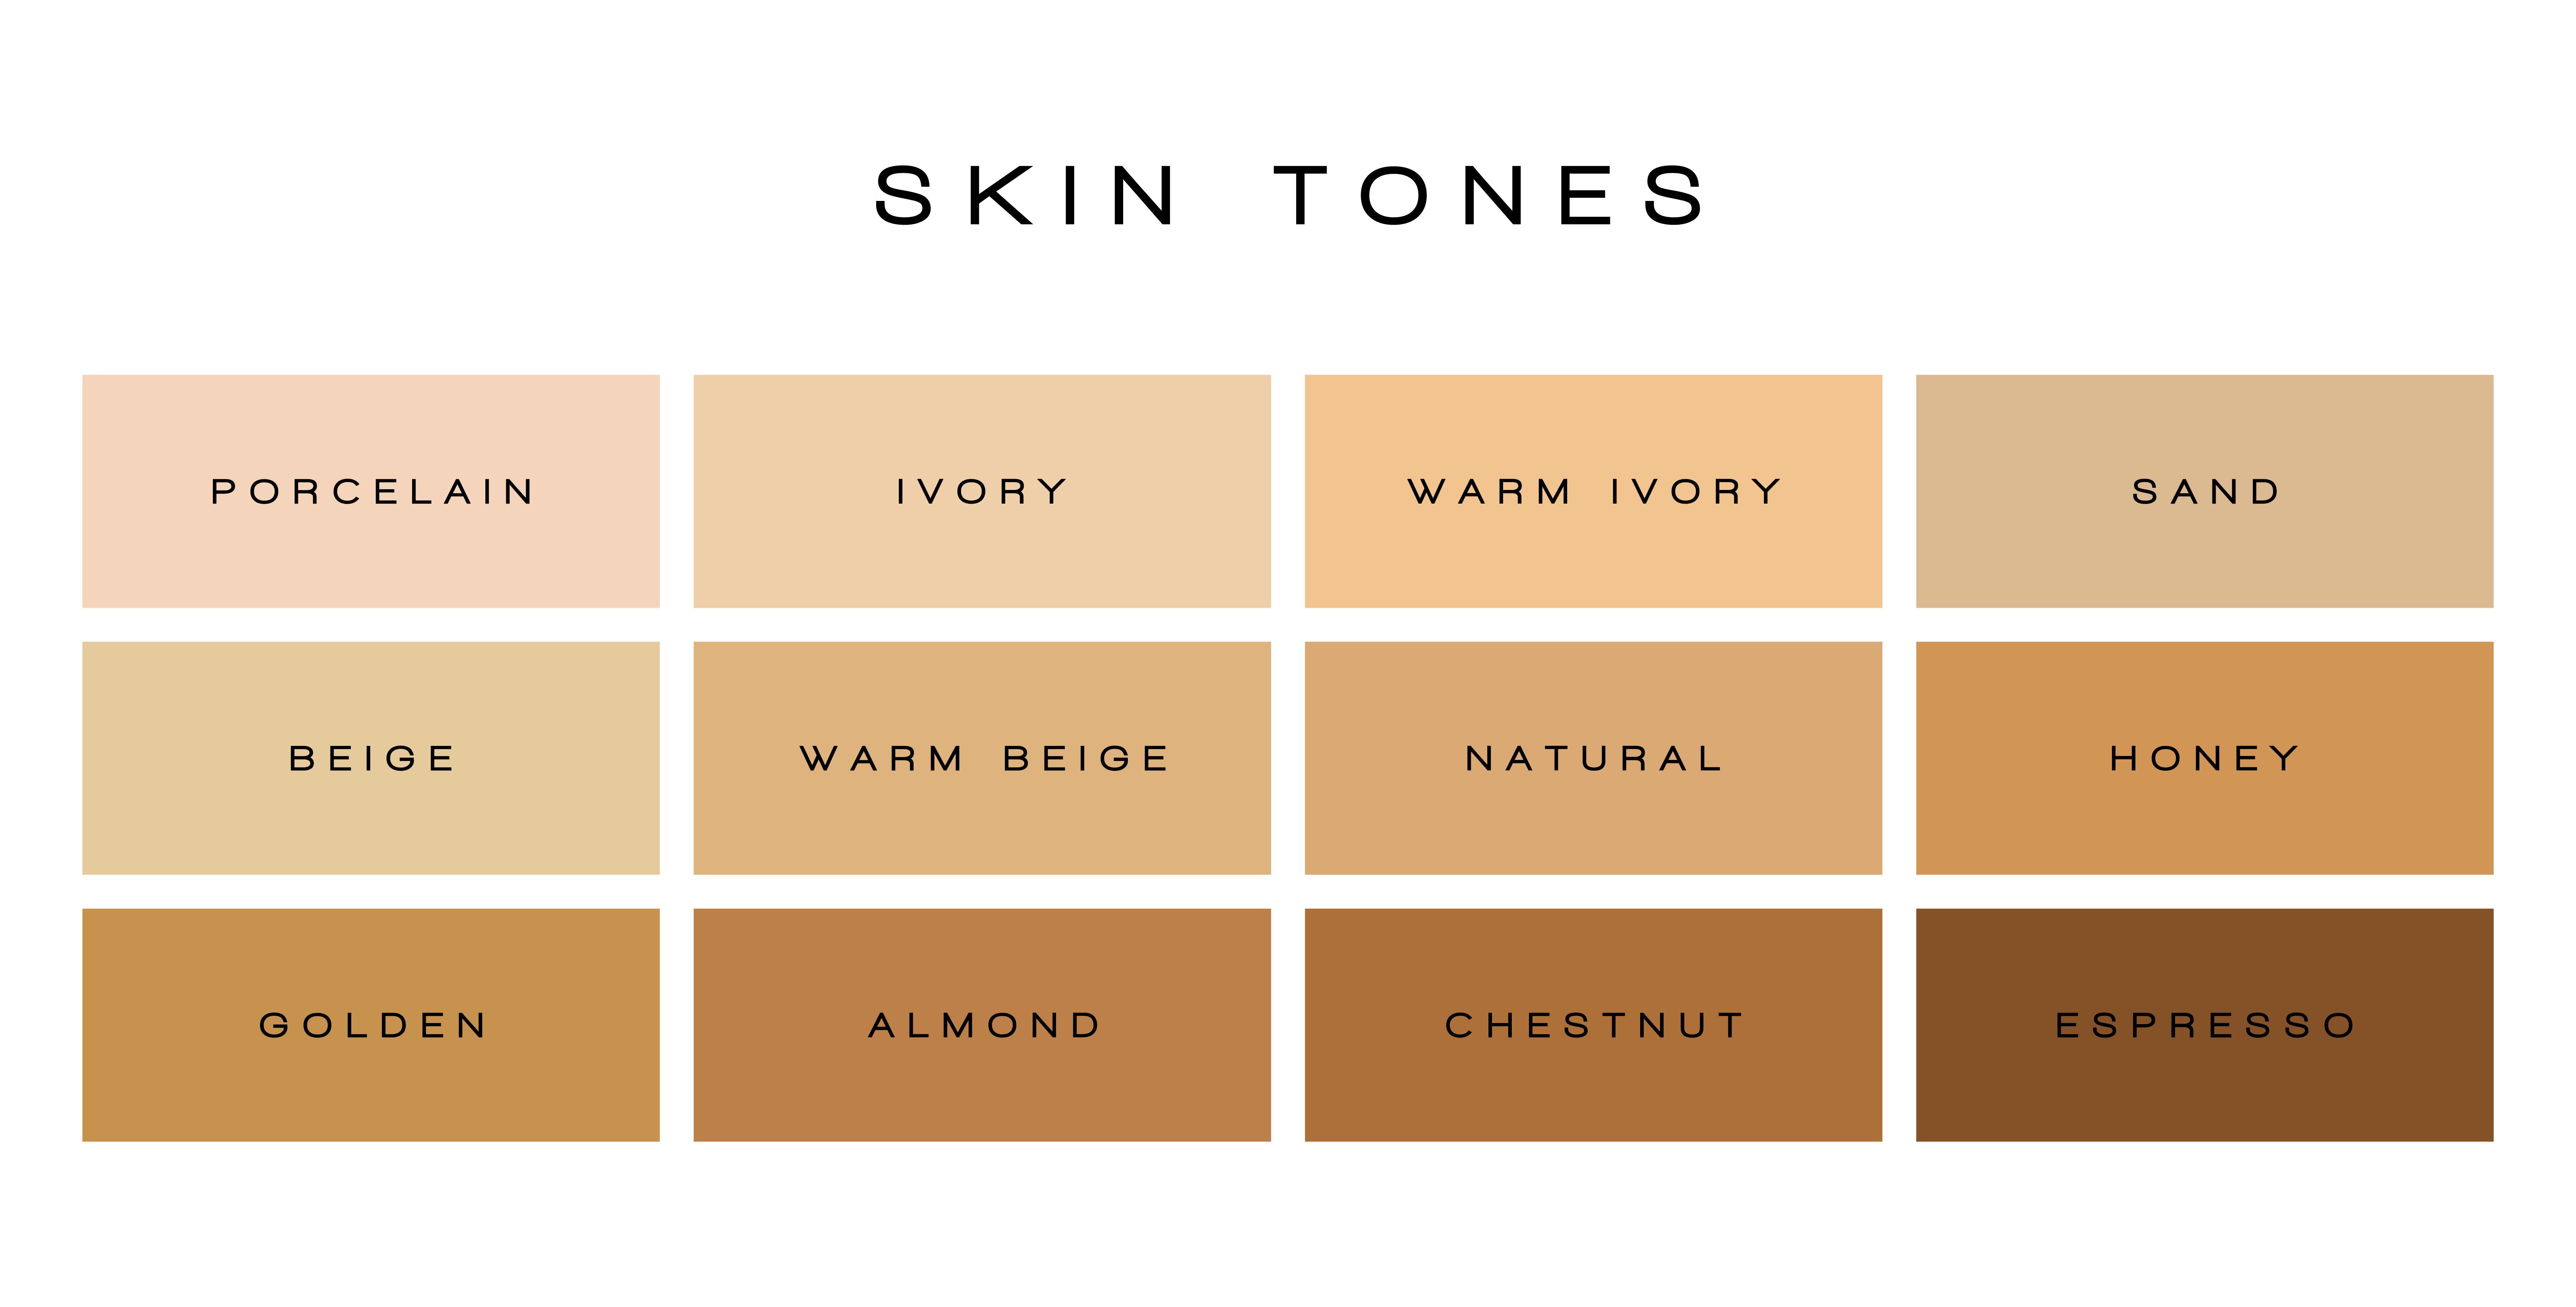 jak rozpoznać odcień swojej skóry?